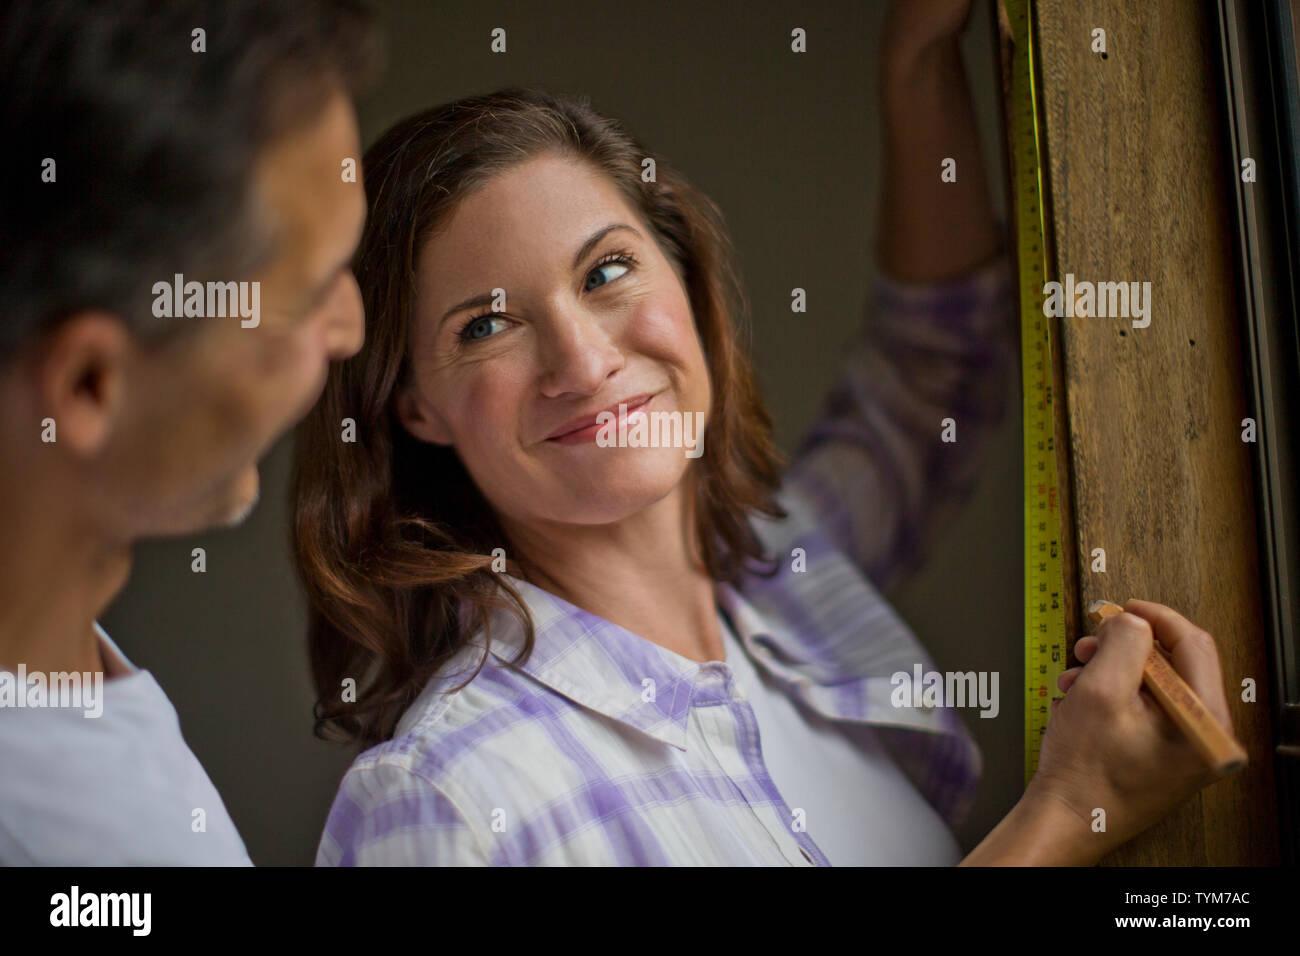 Mujer joven toma un descanso en el alféizar de la ventana de medición para sonreír amorosamente a su guapo marido, quien acaba de llegar hasta detrás de ella. Imagen De Stock